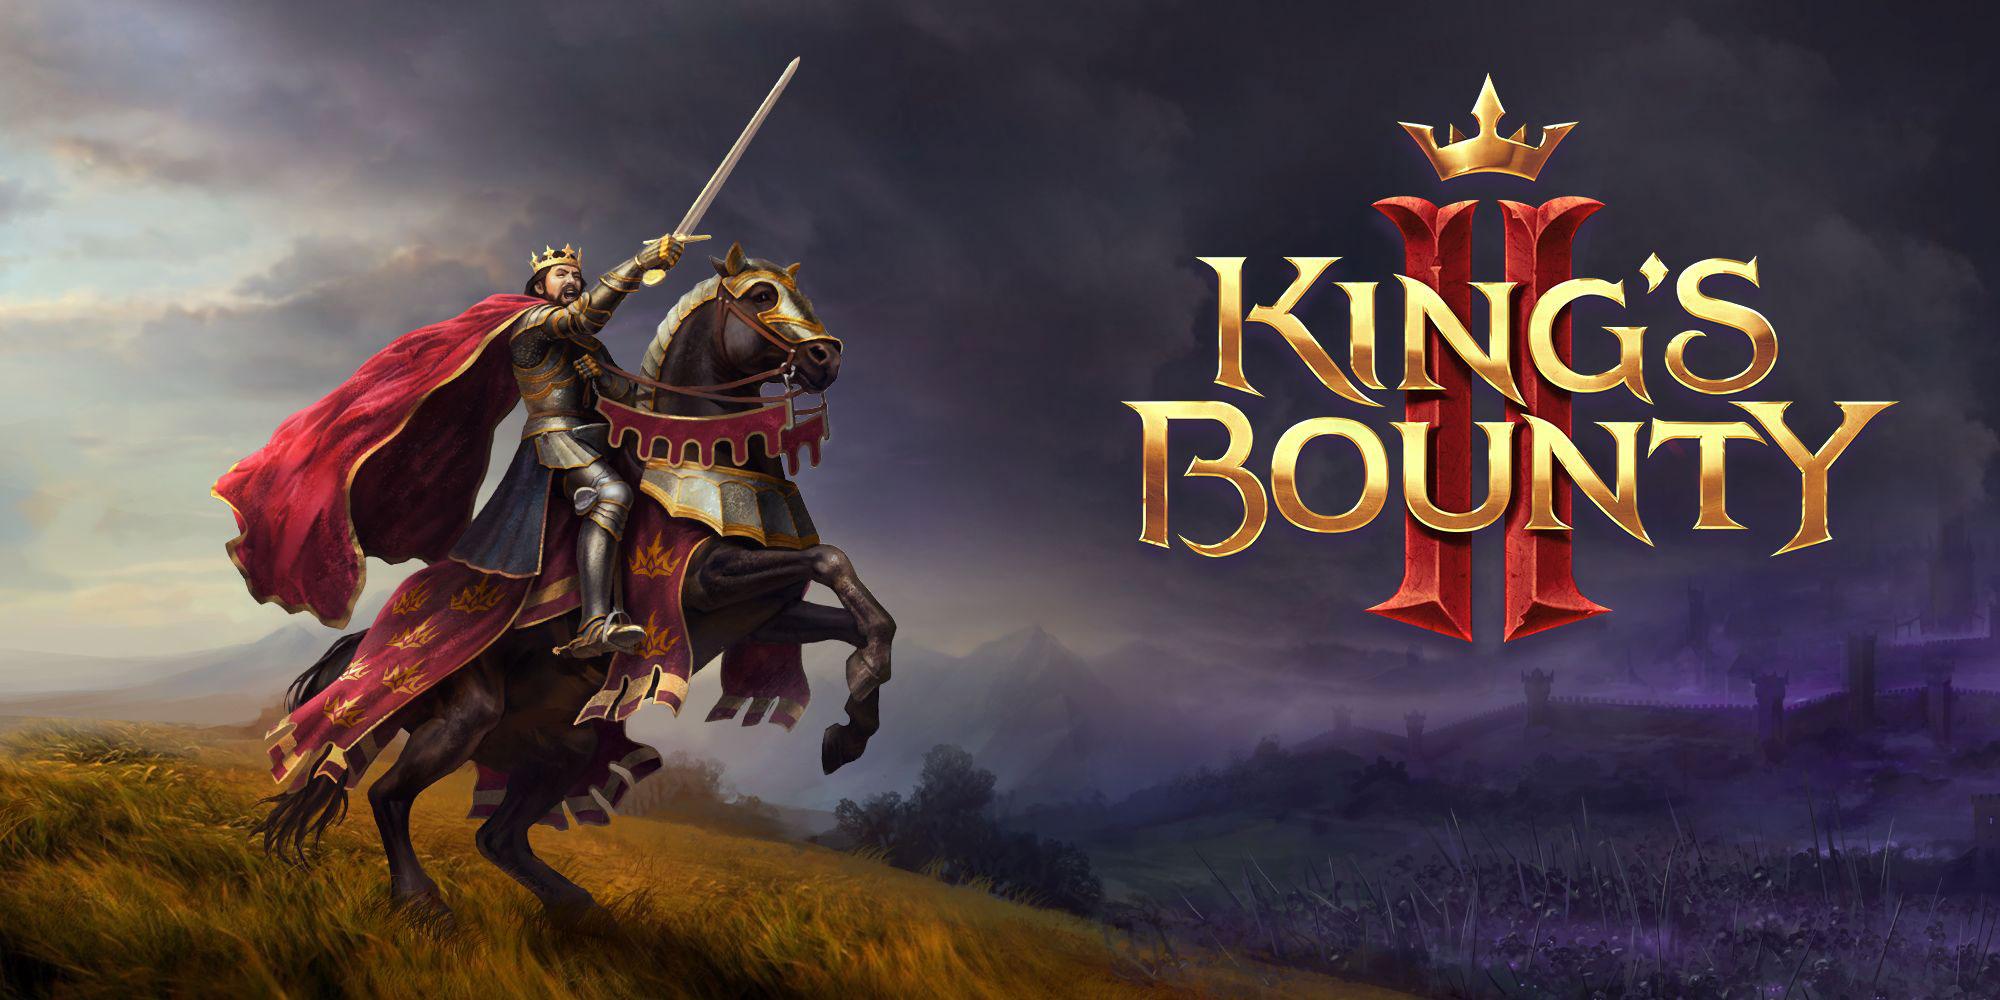 Для King's Bounty II опубликовали новый тизер, релиз в марте 2021 года